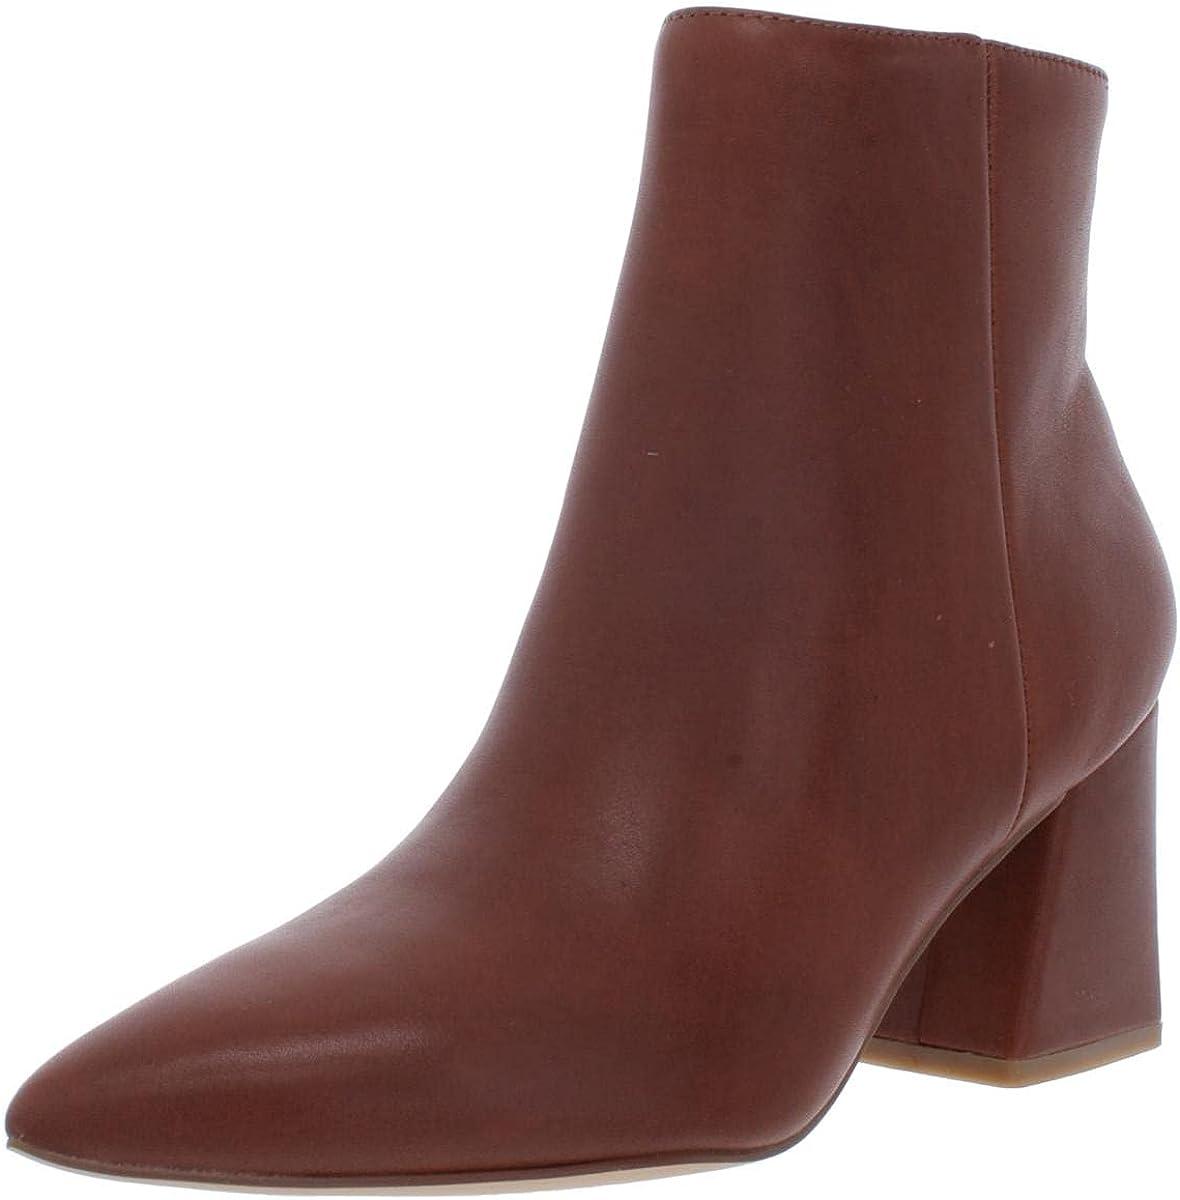 Steve Madden Women's Nix Fashion Boot